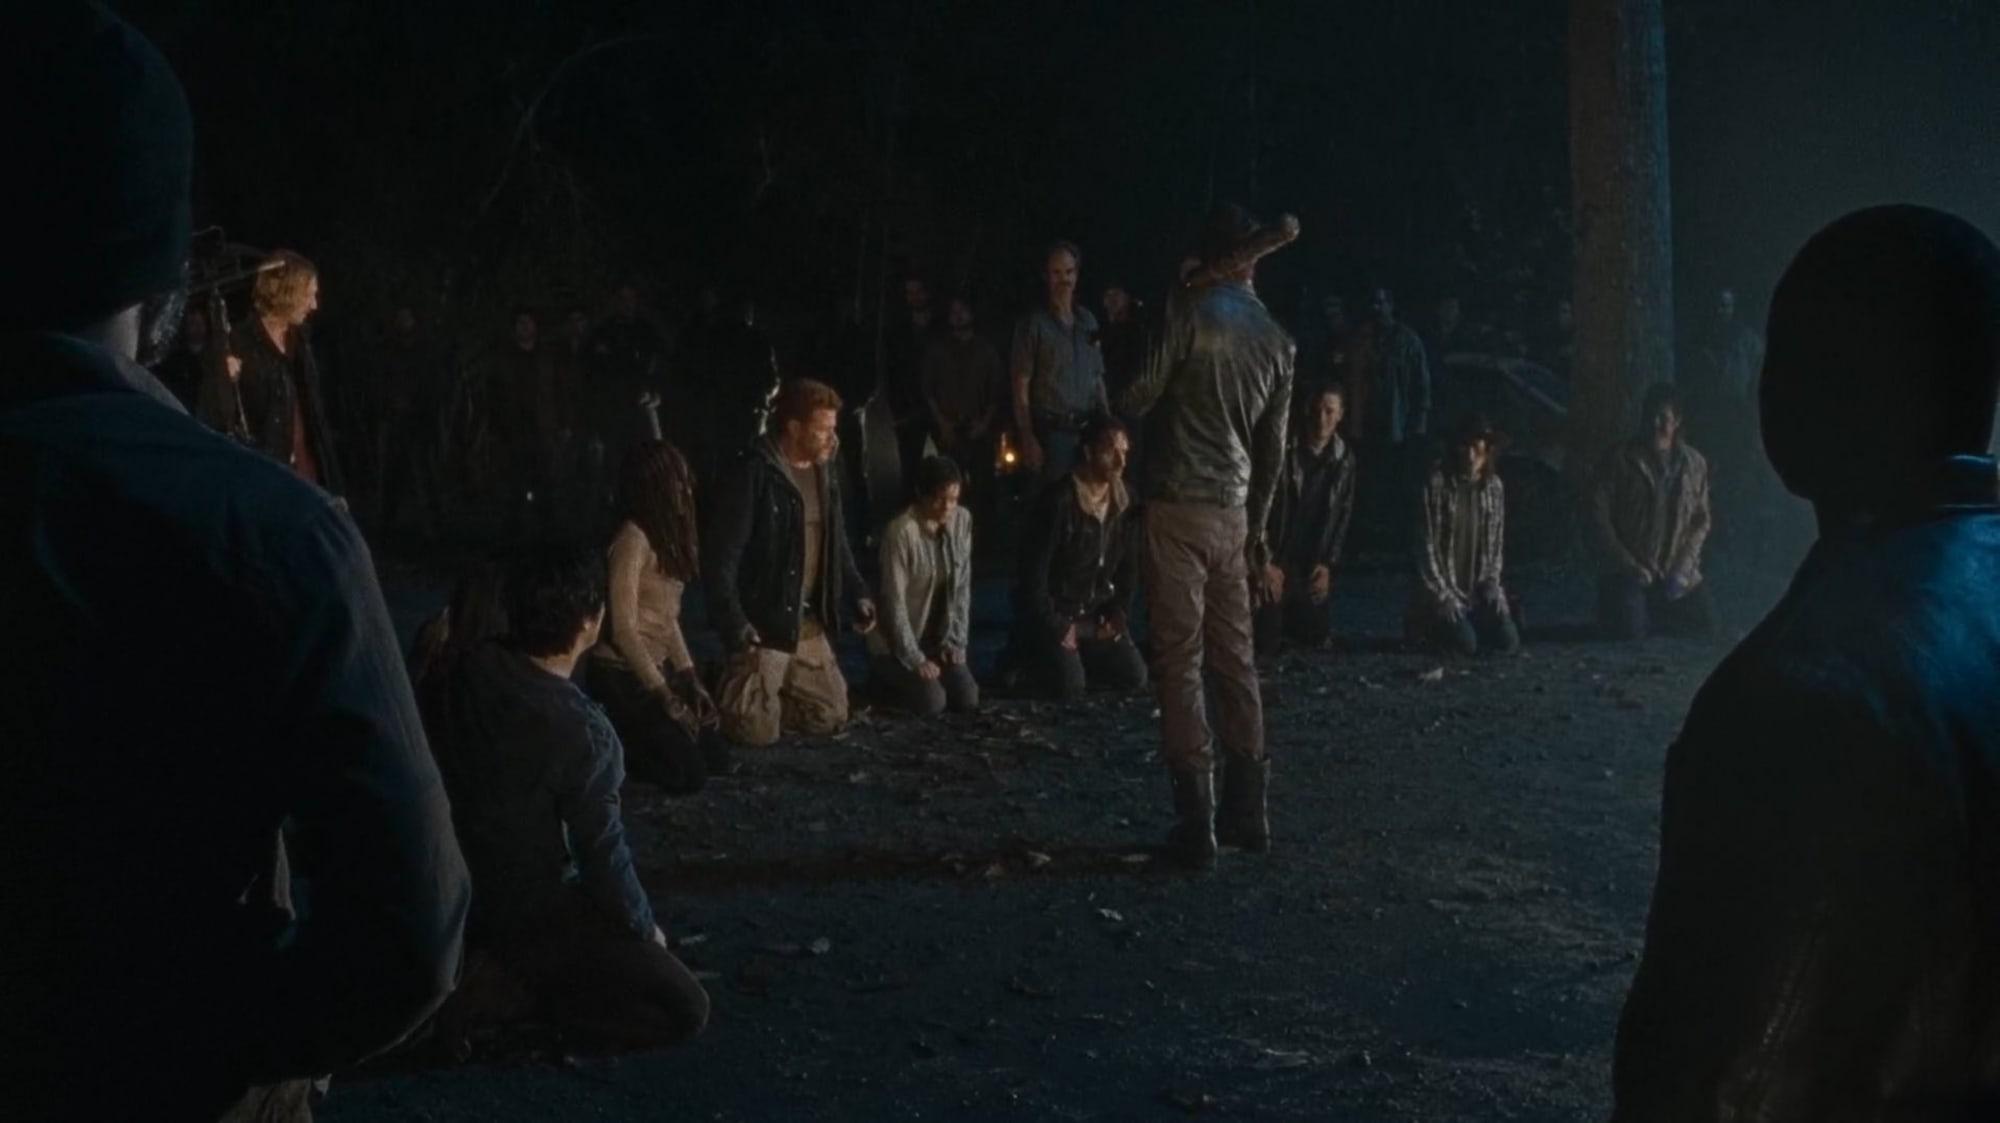 Walking Dead 7 Netflix